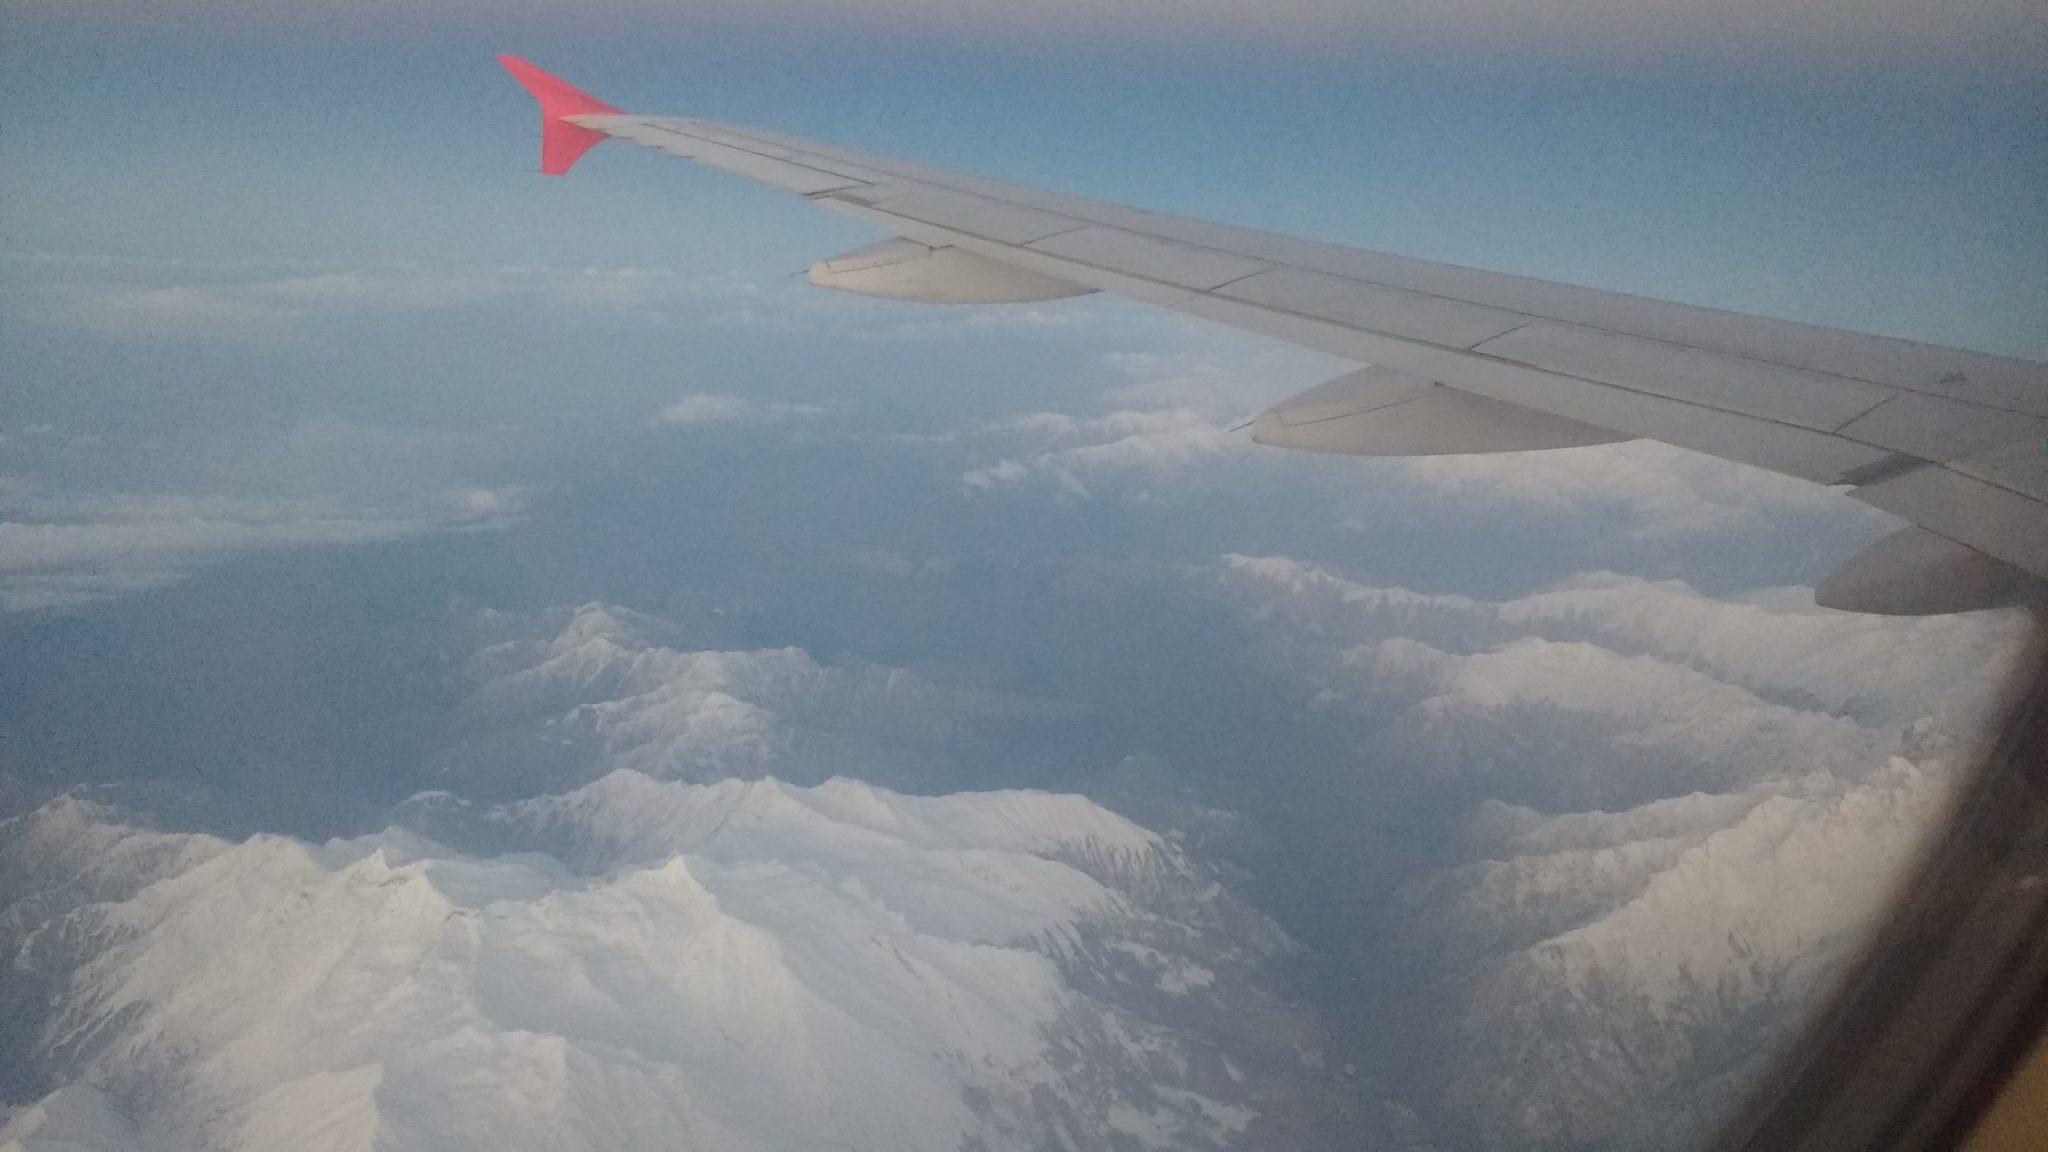 The Grat Himalaya